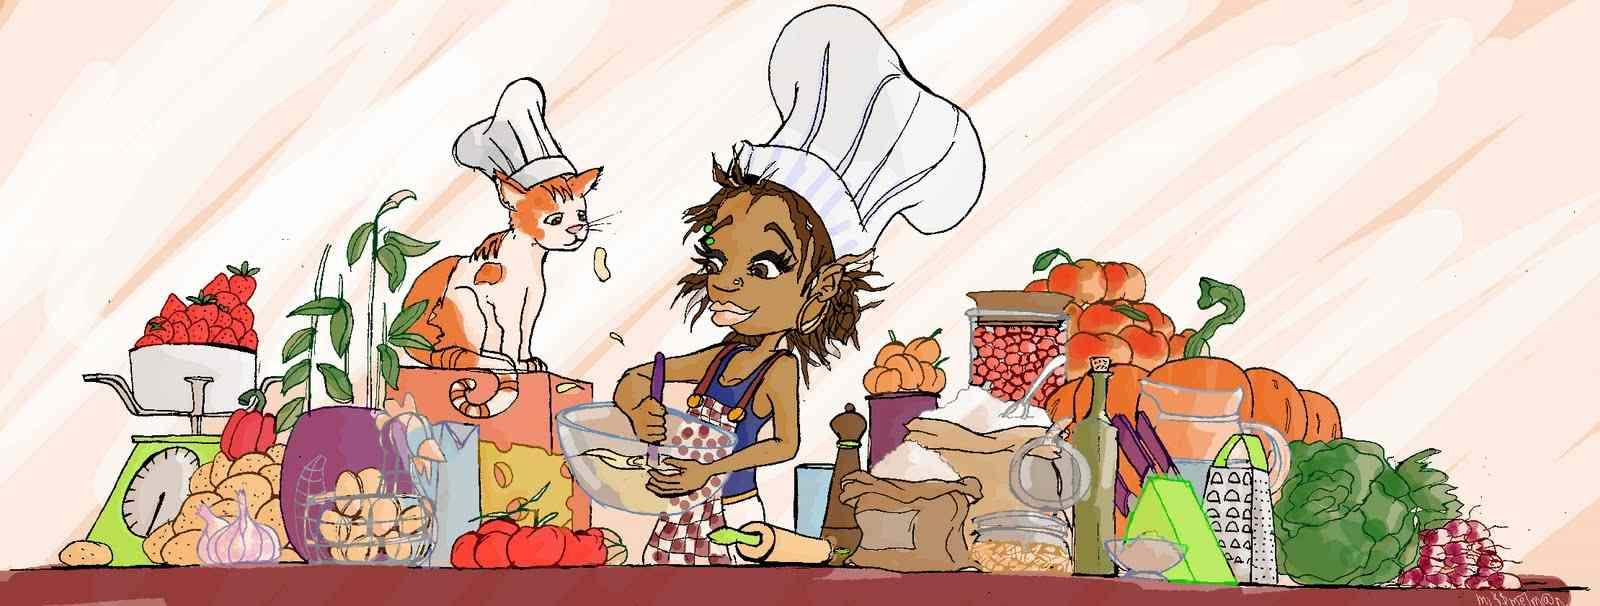 Auto-entrepreneuse sans diplôme de cuisine. Est-ce obligatoire d'avoir d'une attestation de formation ?